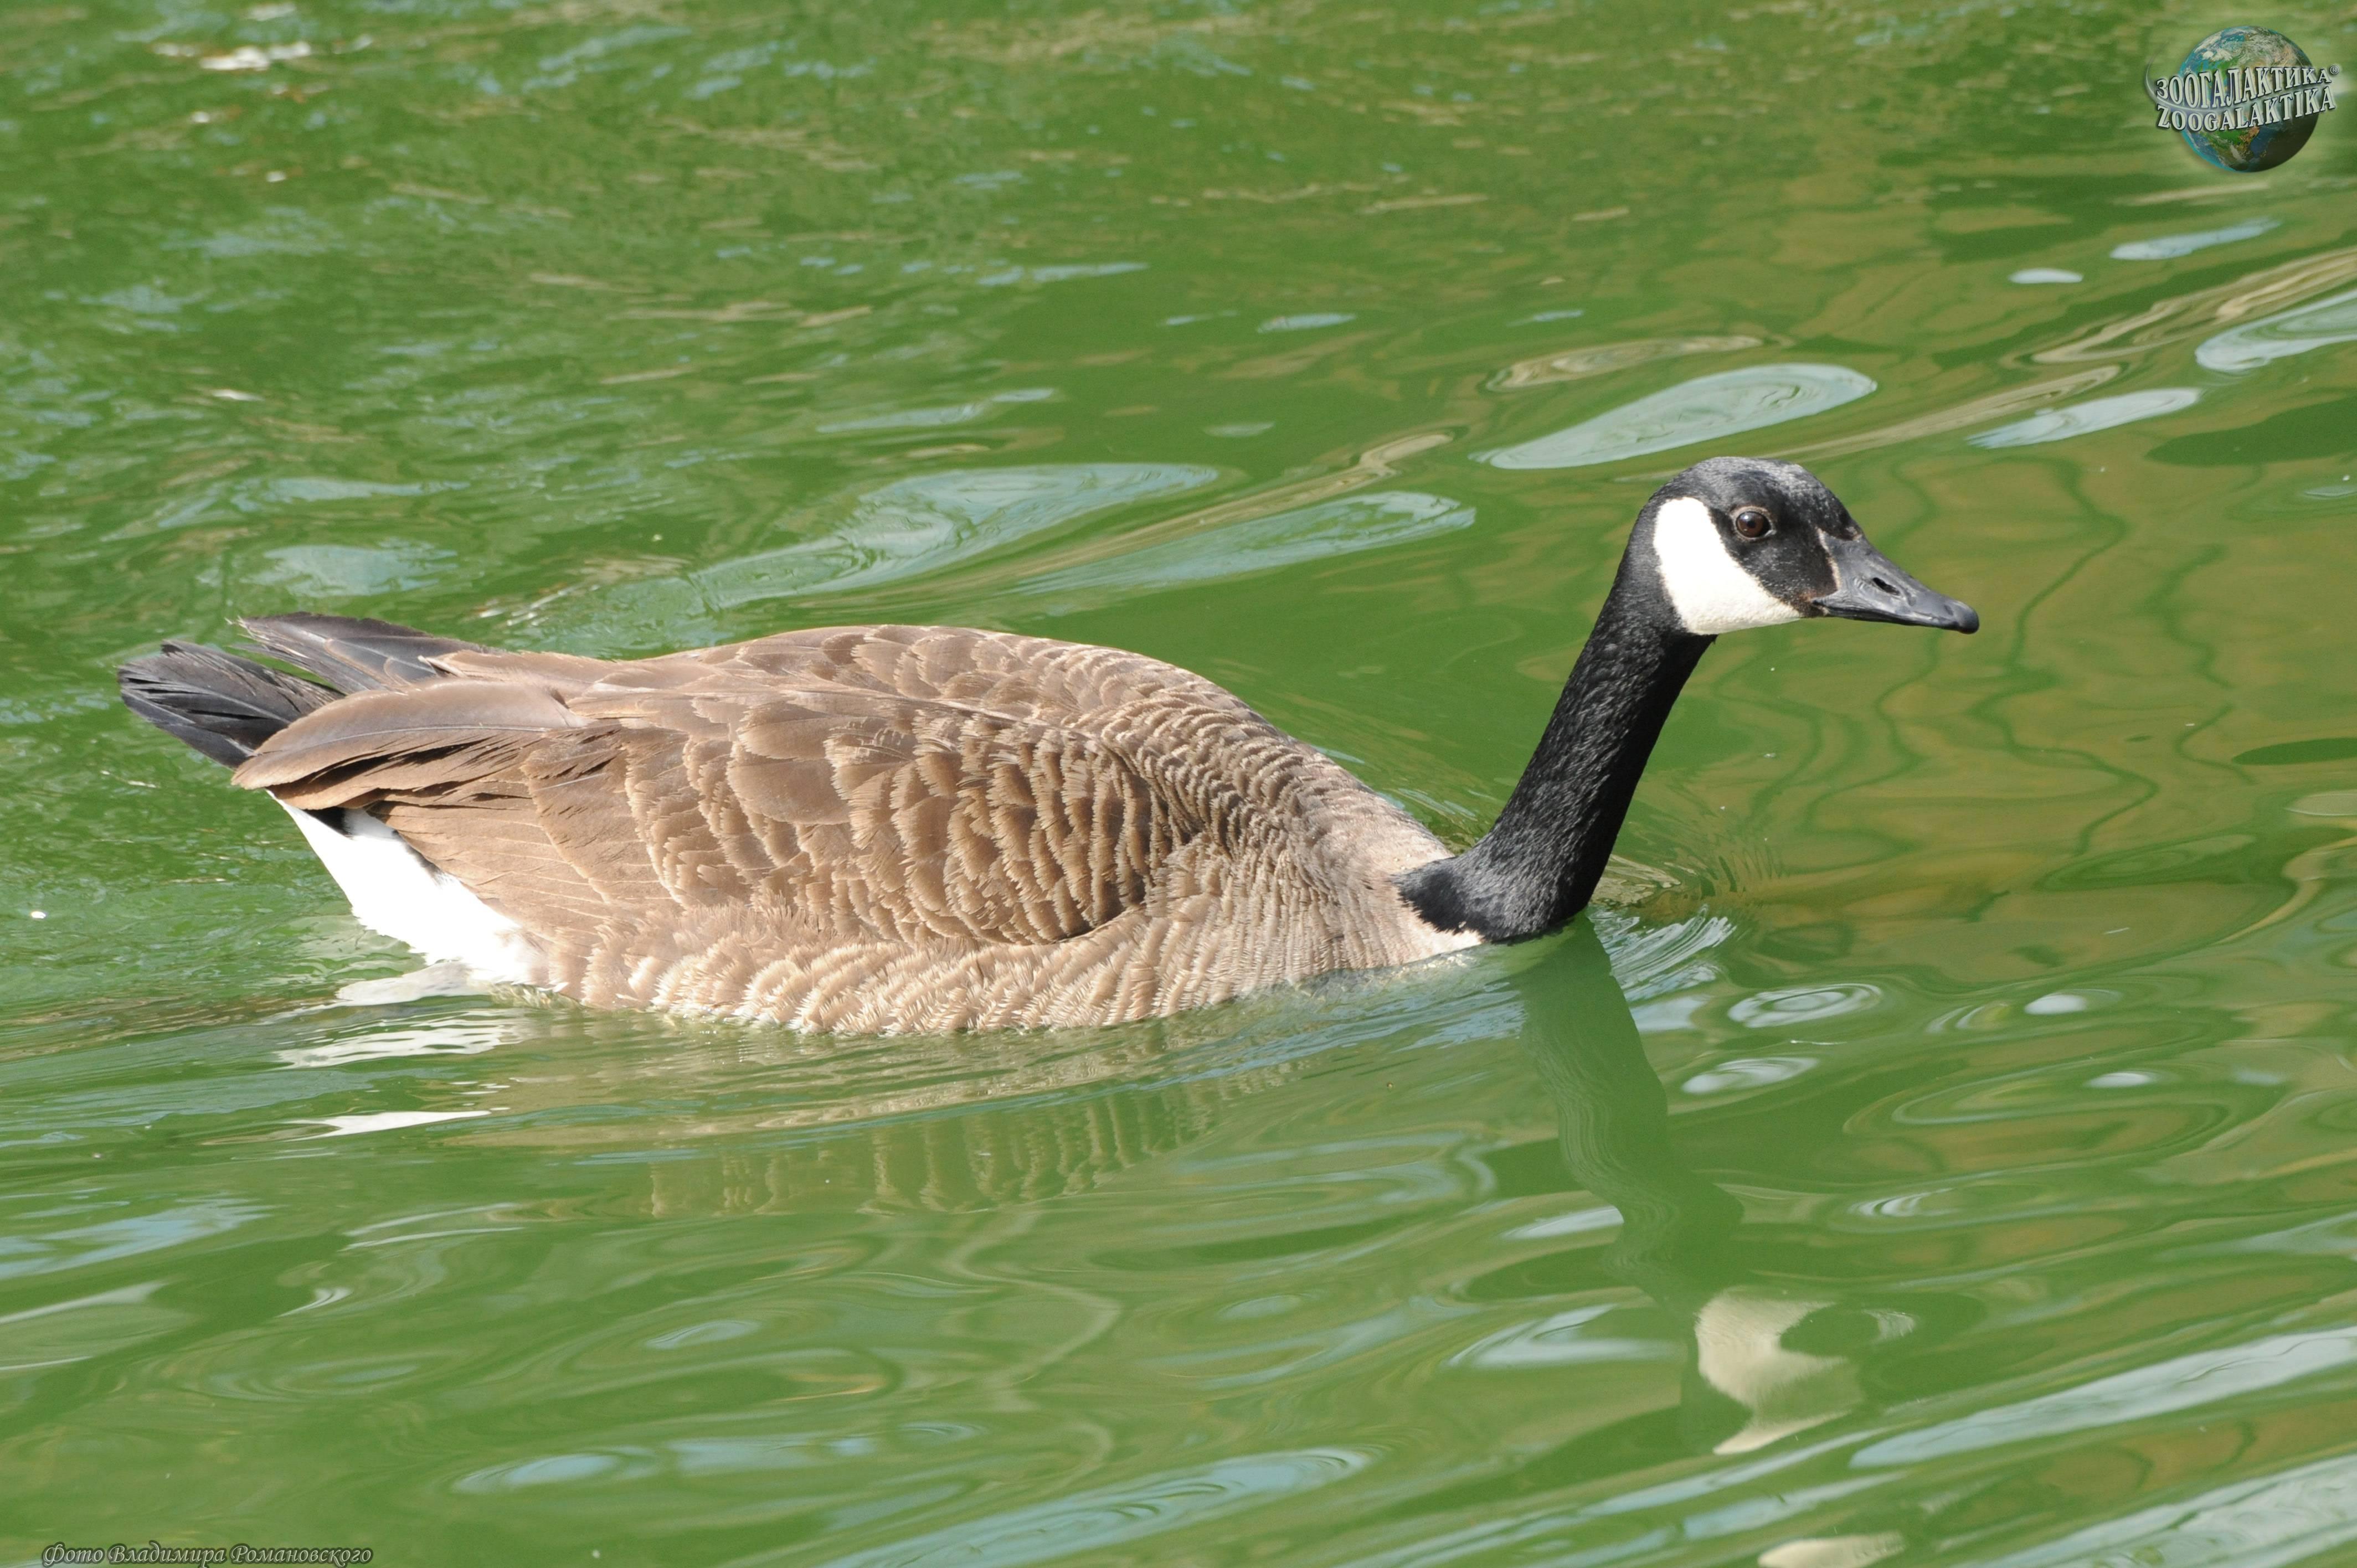 Канадский гусь: водоплавающая птица из семейства утиных